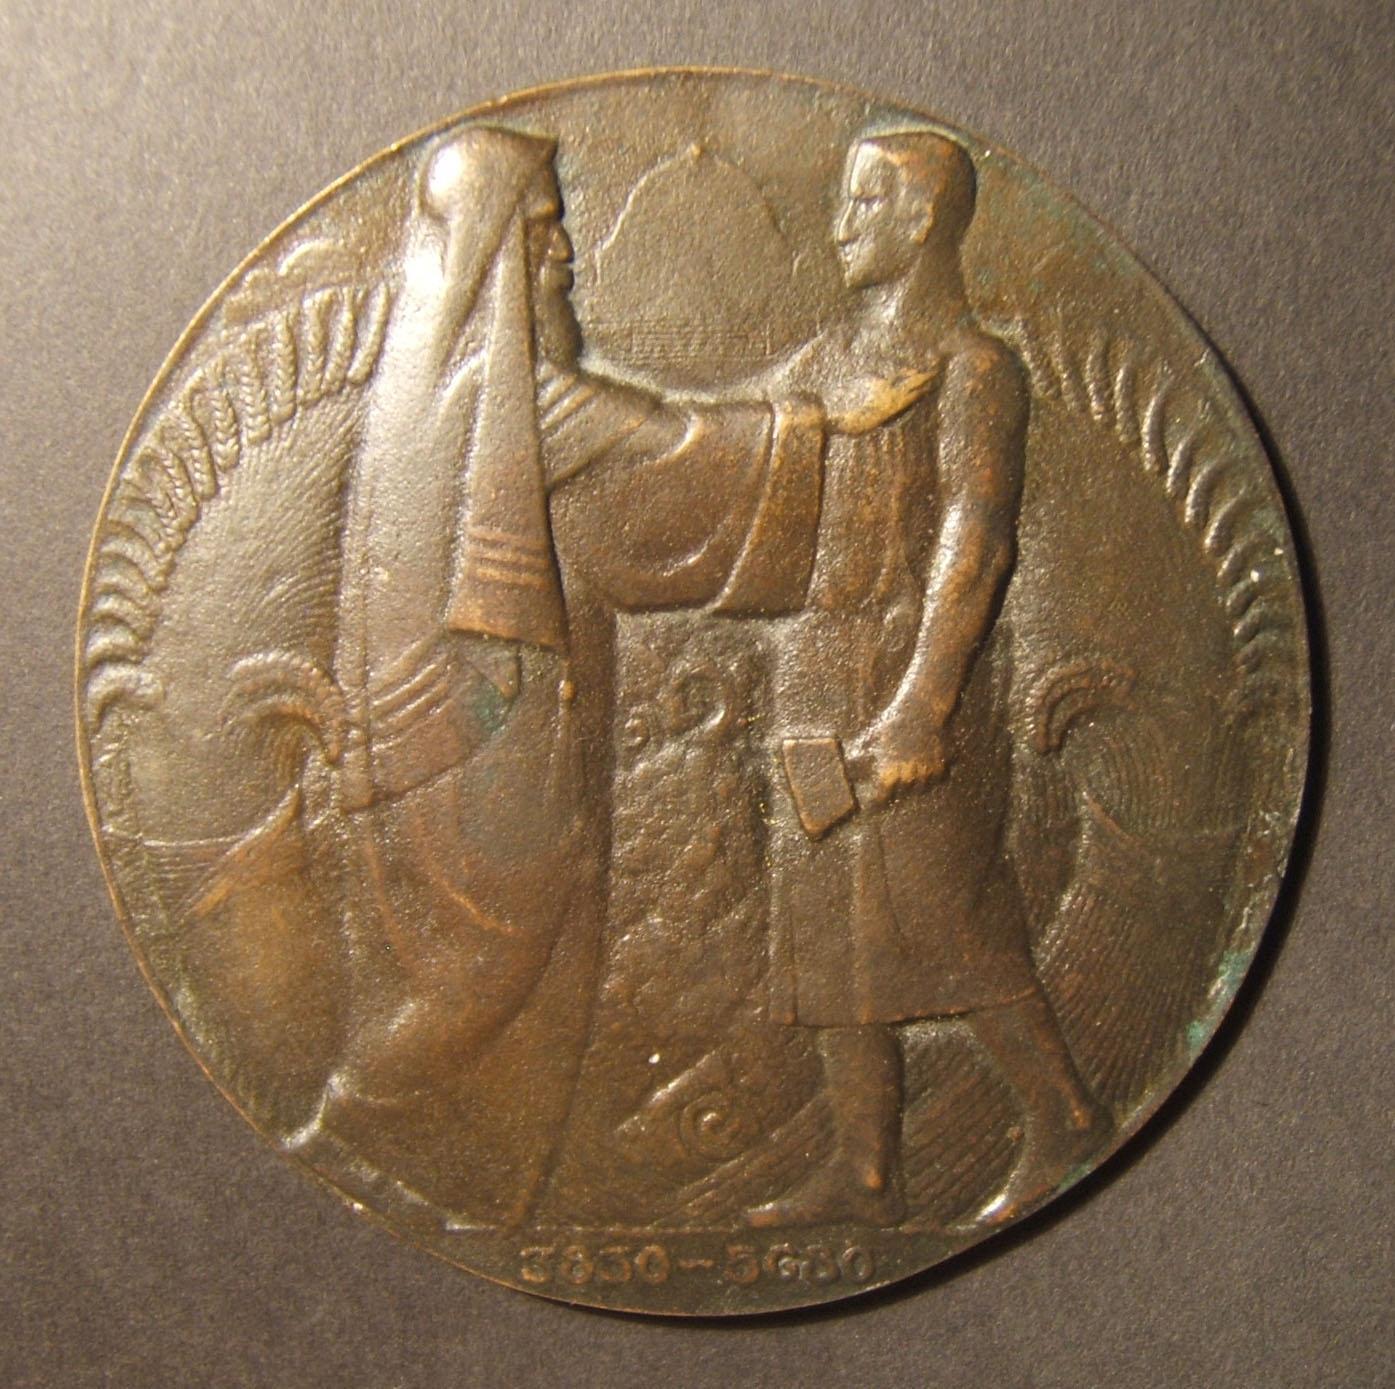 Niederlande: San Remo-Konferenz, großer Guss aus Bronze, Gedenk-Medaille, 1920; von Christiaan Johannes van der Hoef; Größe: 94 mm; Gewicht: 221,95 g. Vorderseite: allegorischer Ka